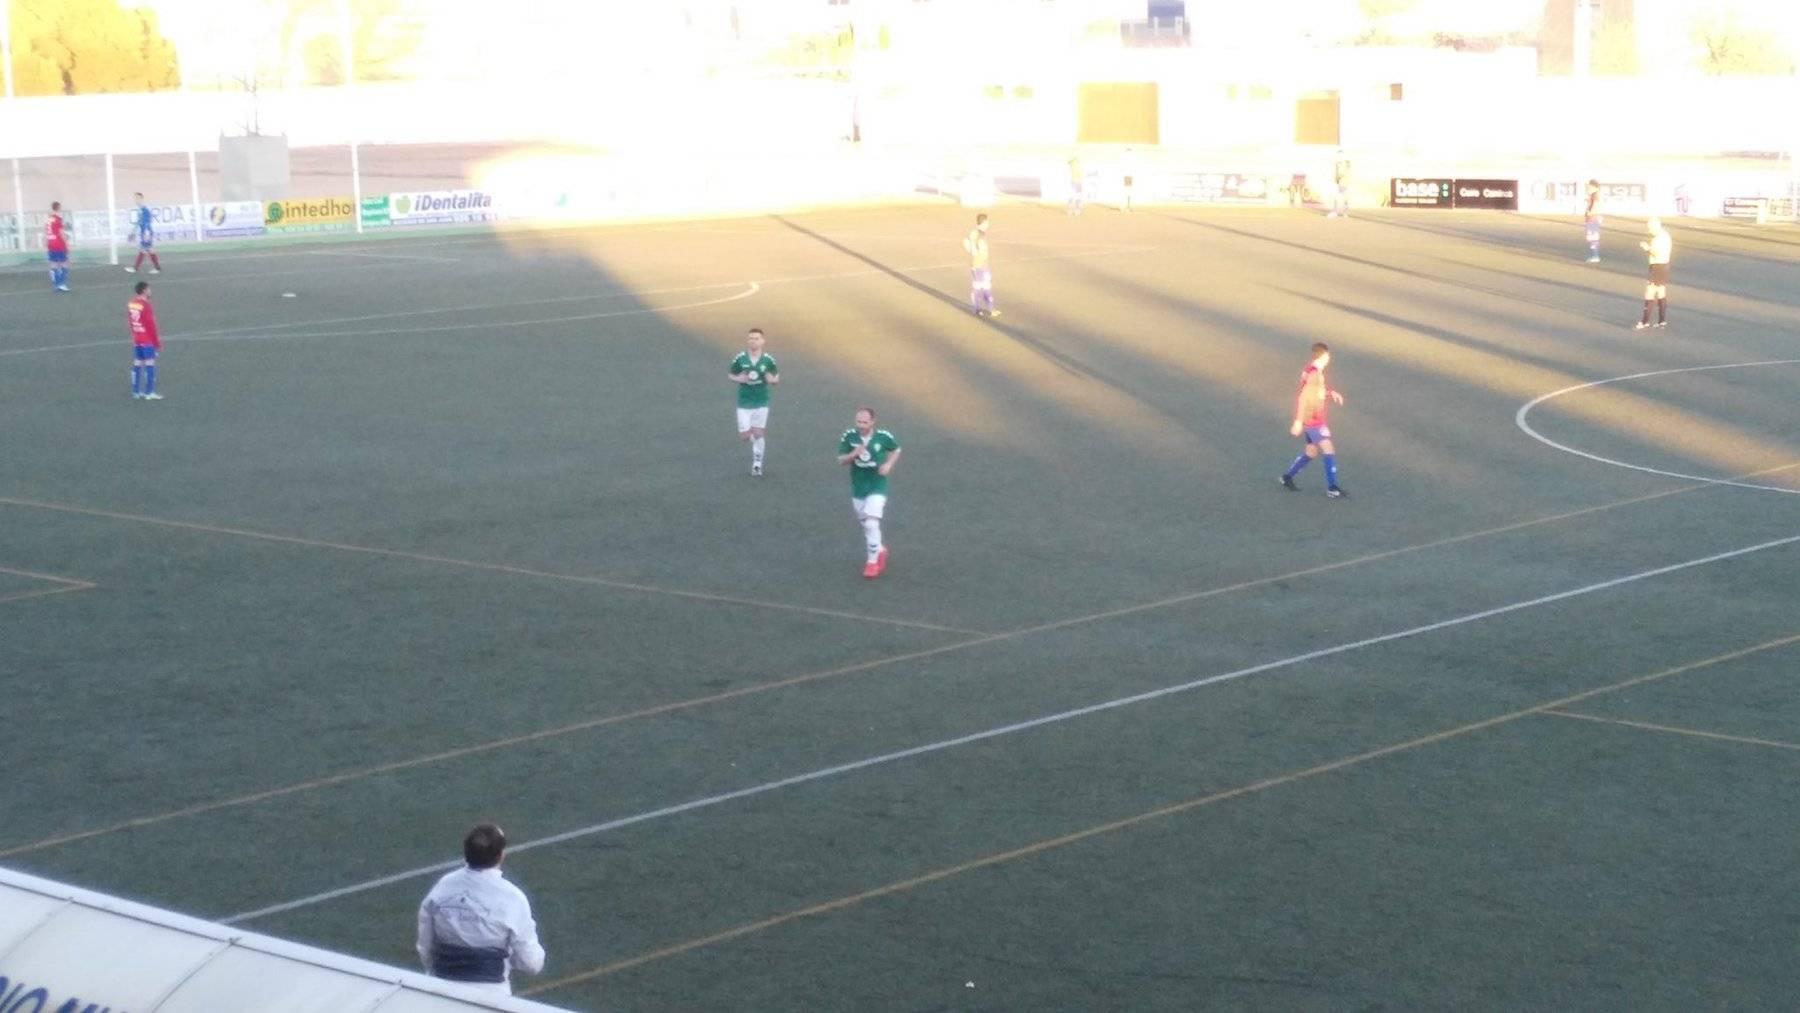 herencia aldea futbol eduardo corrales - C.D.B Herencia venció 3-0 al Aldea en el Fernández de la Puebla